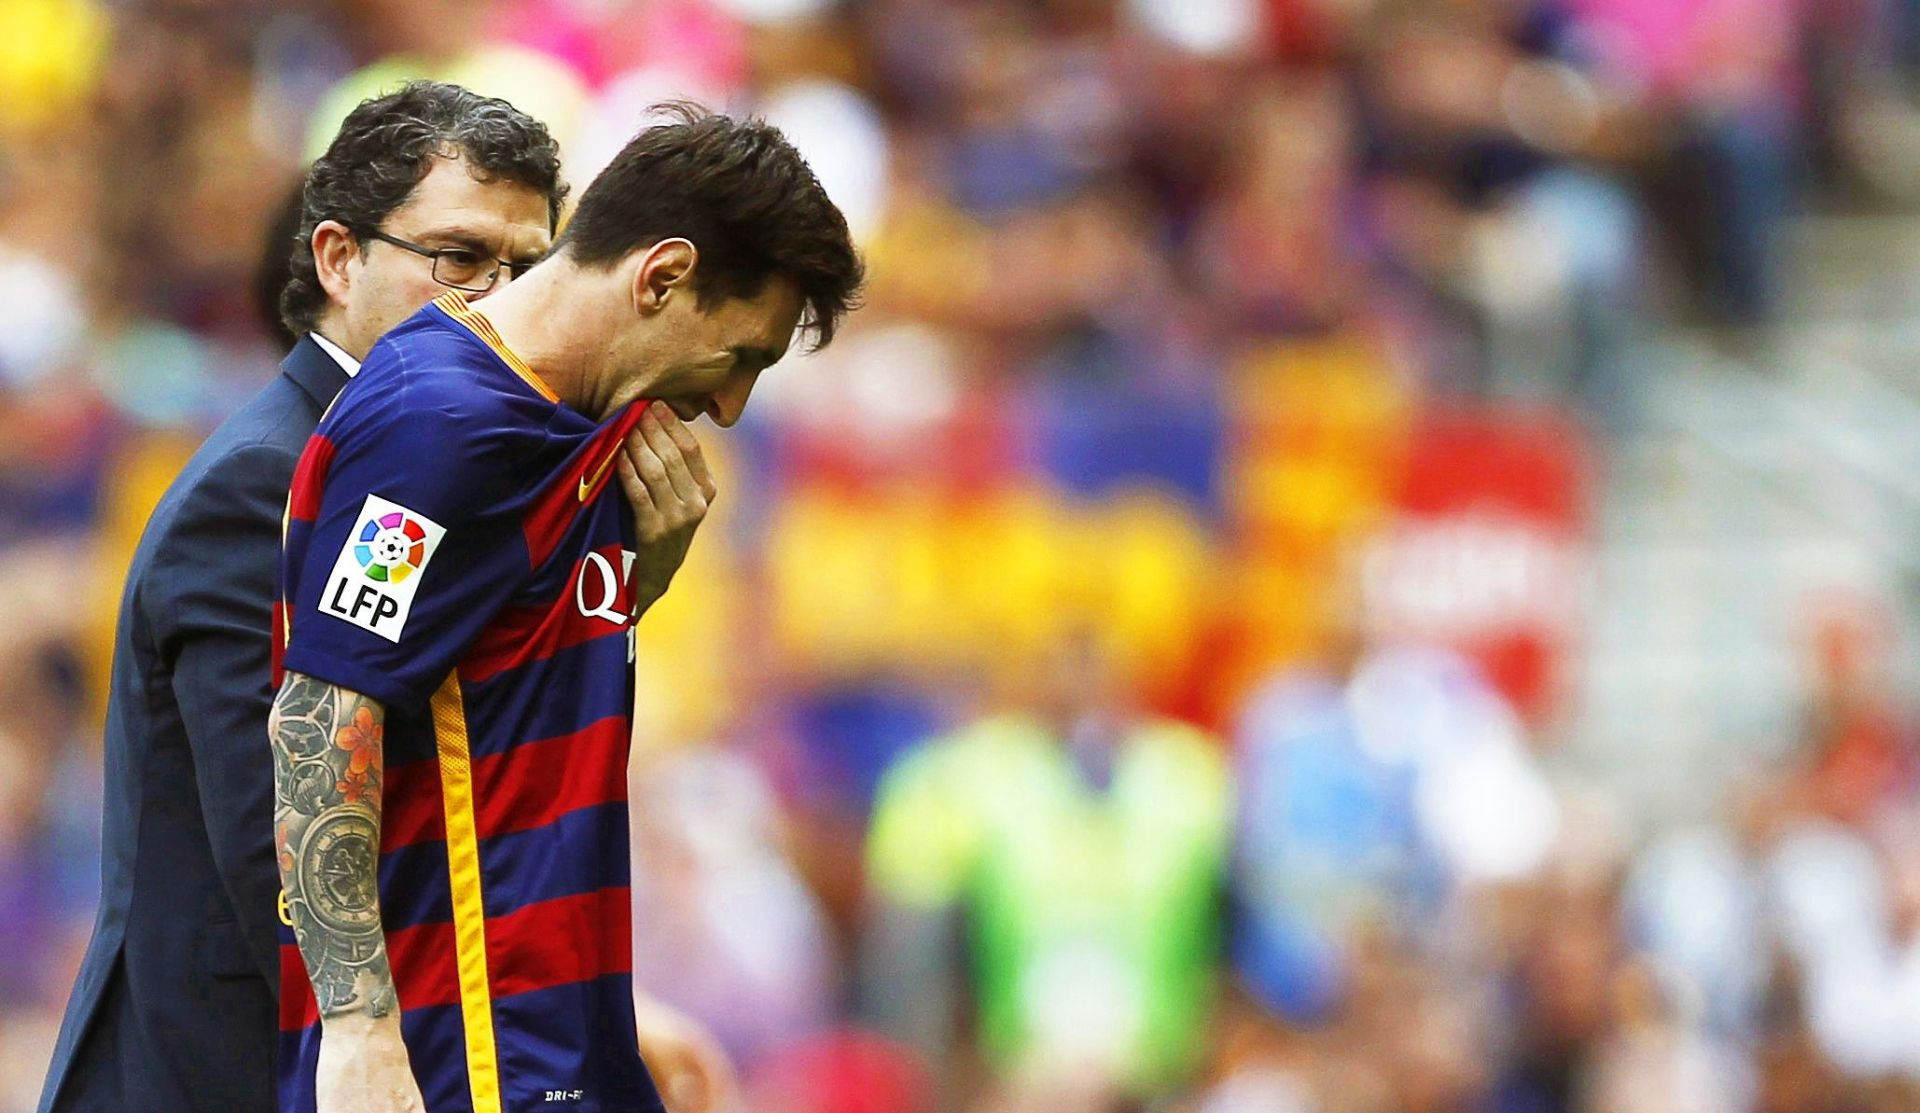 PRIMERA Pobjeda Barcelone, ali briga zbog Messija – Argentinac 'out' osam tjedana?